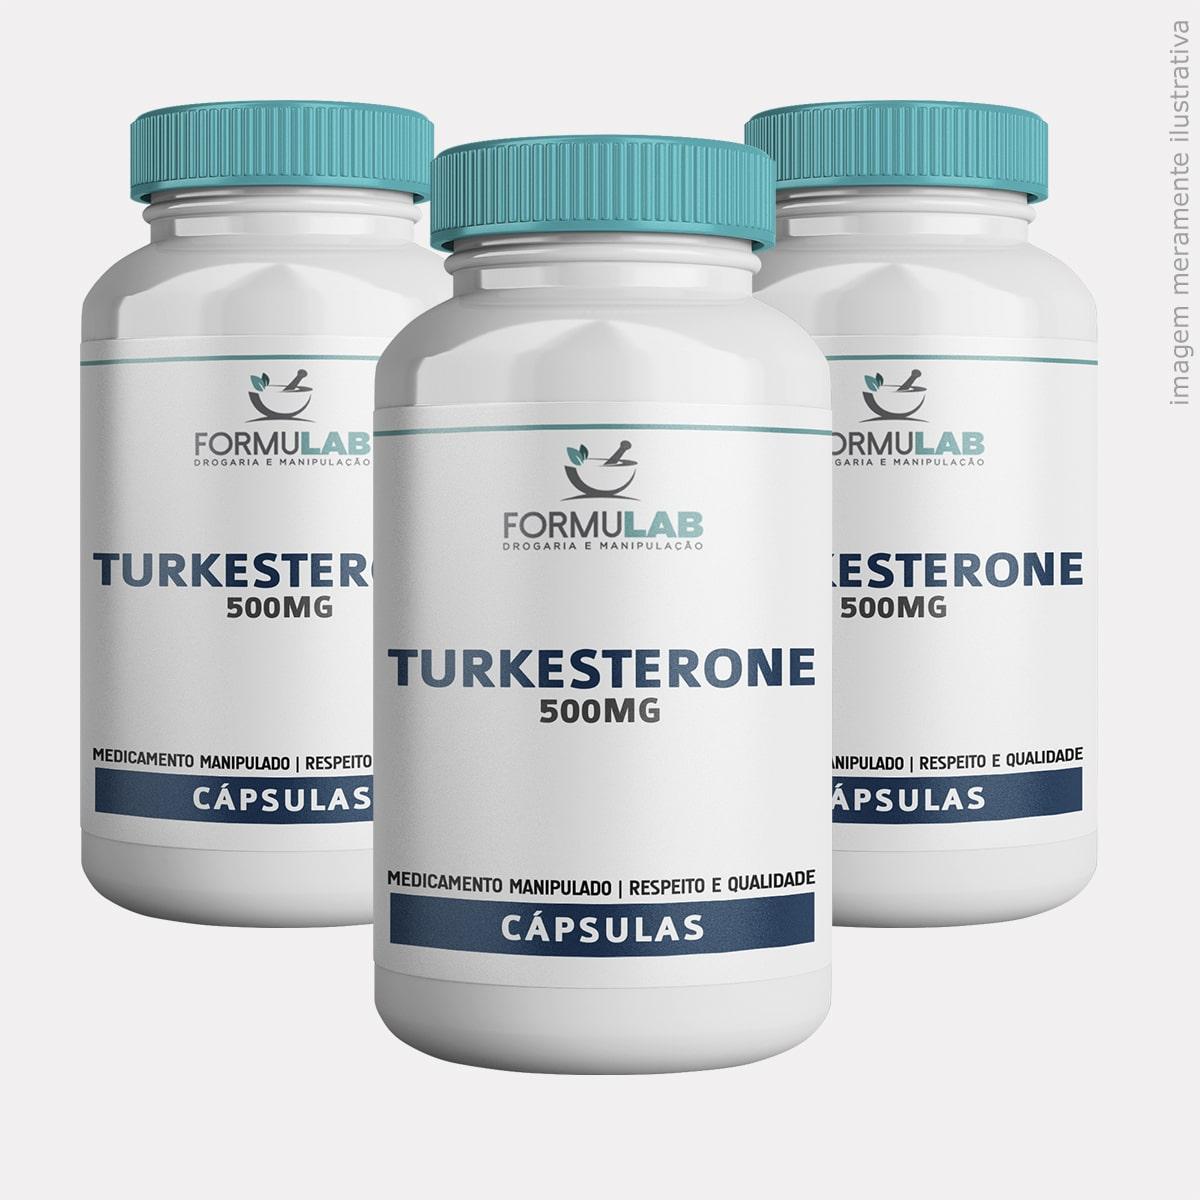 Kit - Turkesterone 500mg - 3 Potes com 60 Cápsulas